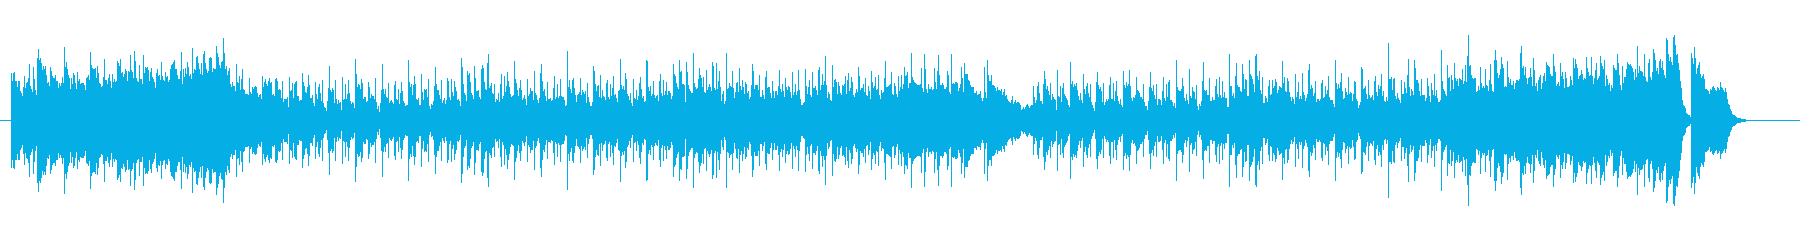 起伏に富んだアーバン・ポップの再生済みの波形